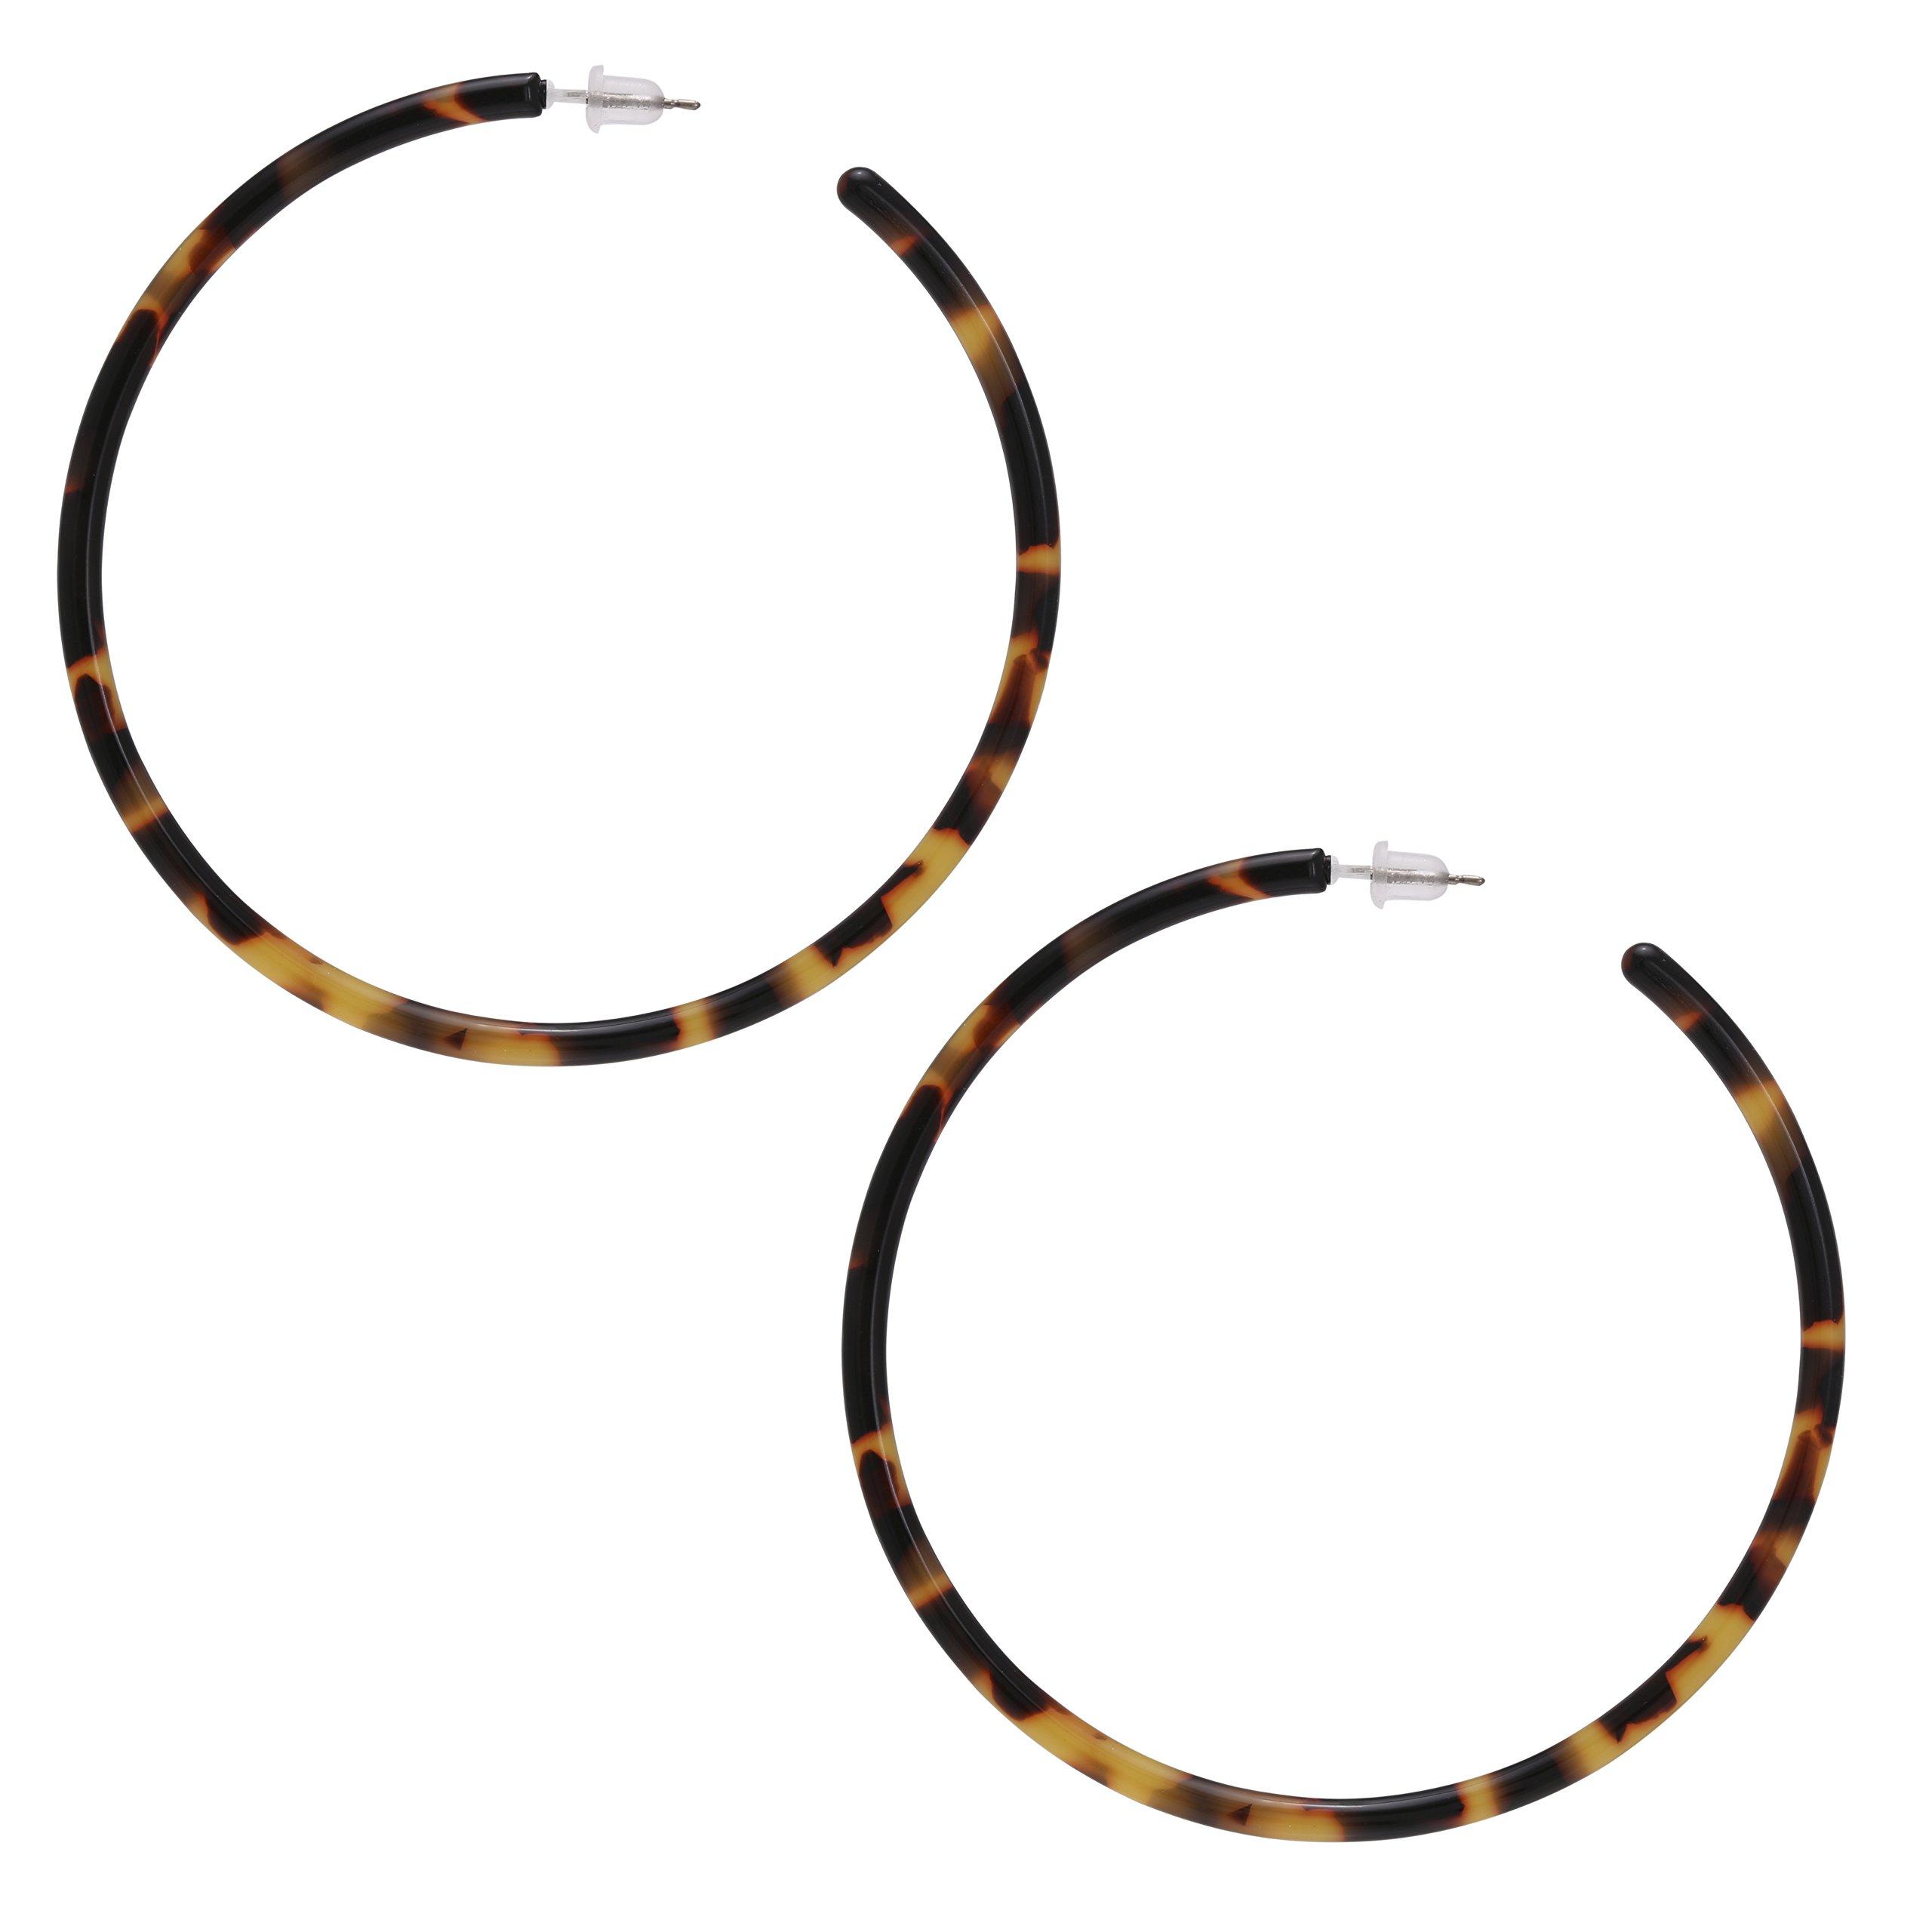 Multi Color Mottled Tortoise Shell Acrylic Resin Basic Big Circlee Hoop Earrings